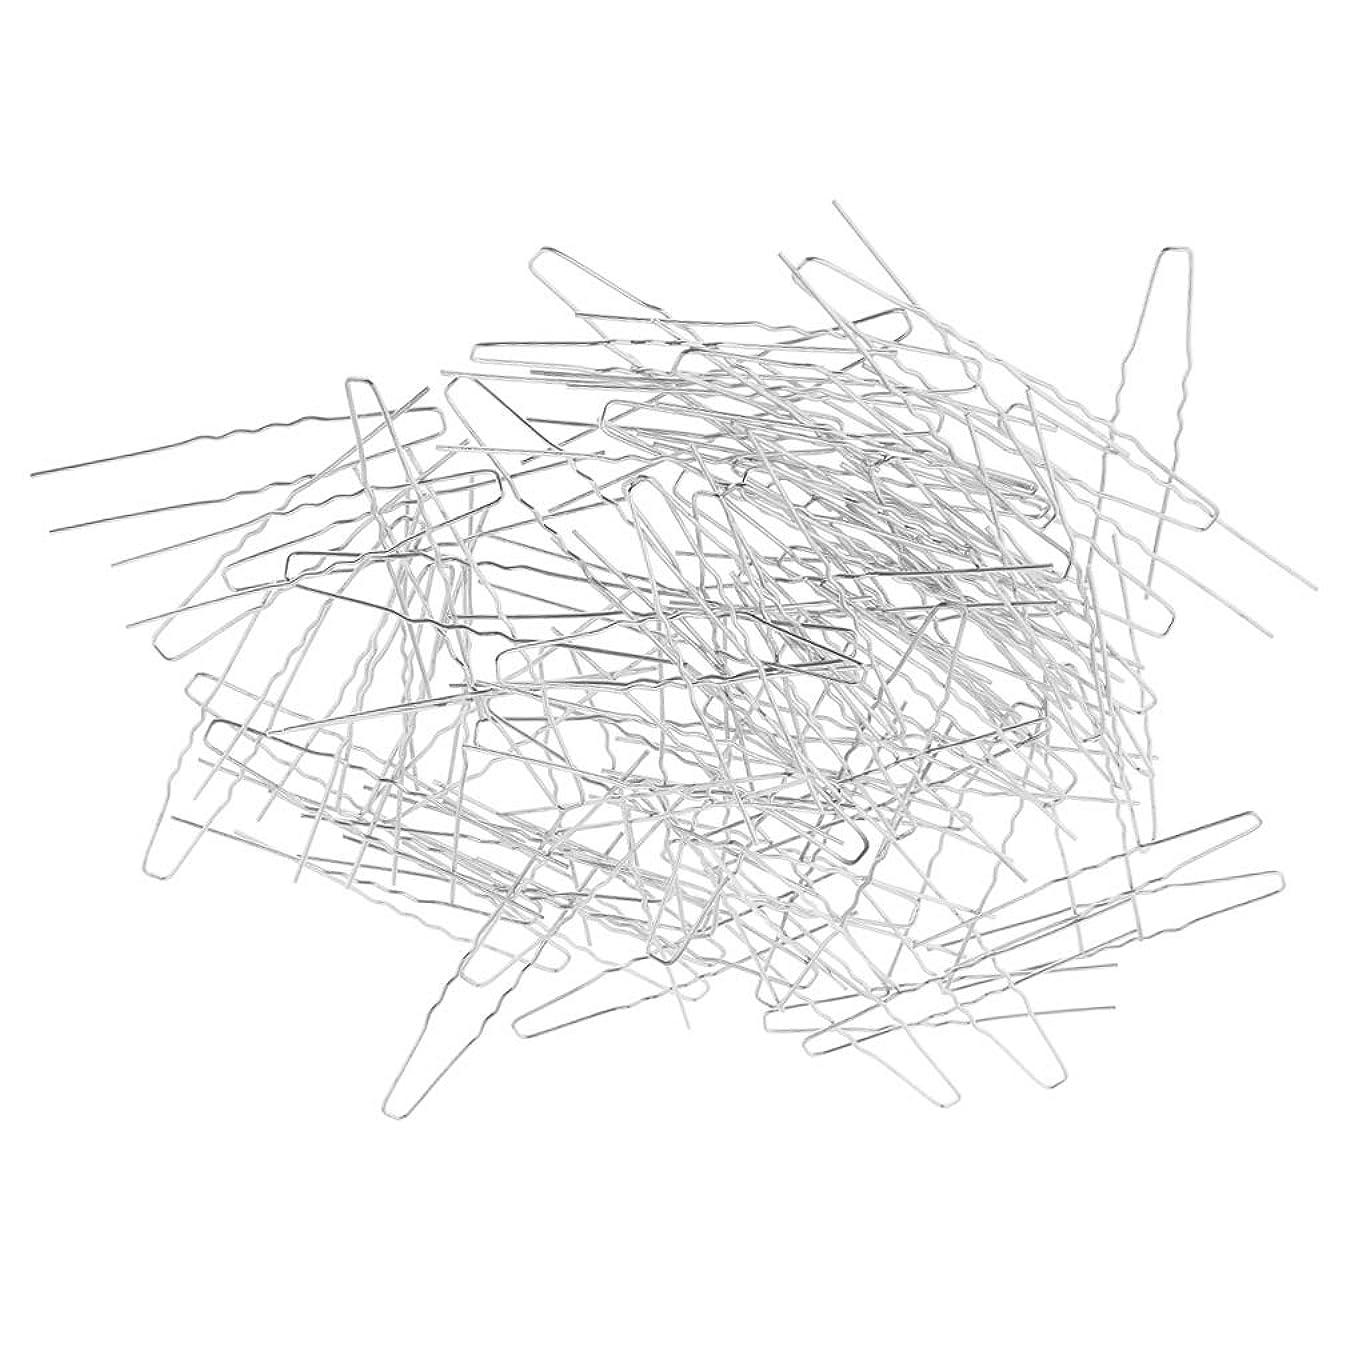 ベックス王朝年齢D DOLITY U型ピン ヘアピン シンプル 髪留め ヘアスタイル 約100個 DIYジュエリー ヘアアクセサリー - 銀